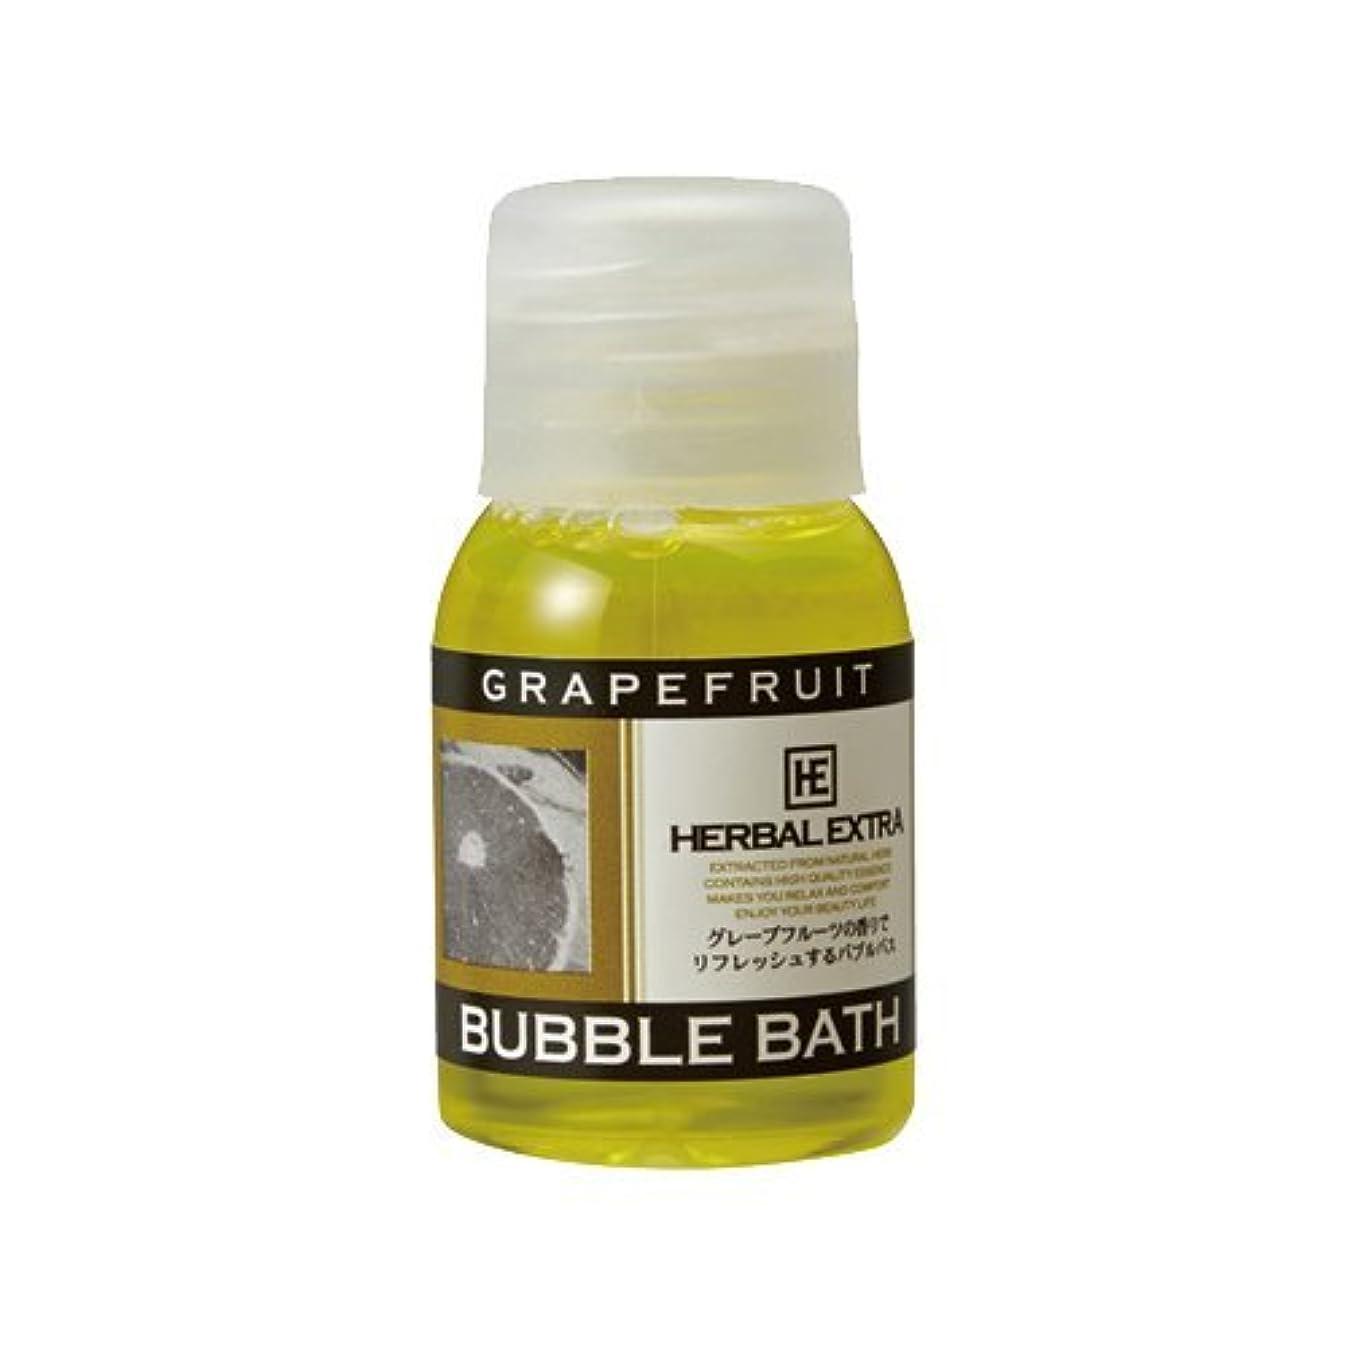 溶接幾何学いっぱいハーバルエクストラ バブルバス ミニボトル グレープフルーツの香り × 10個セット - ホテルアメニティ 業務用 発泡入浴剤 (BUBBLE BATH)